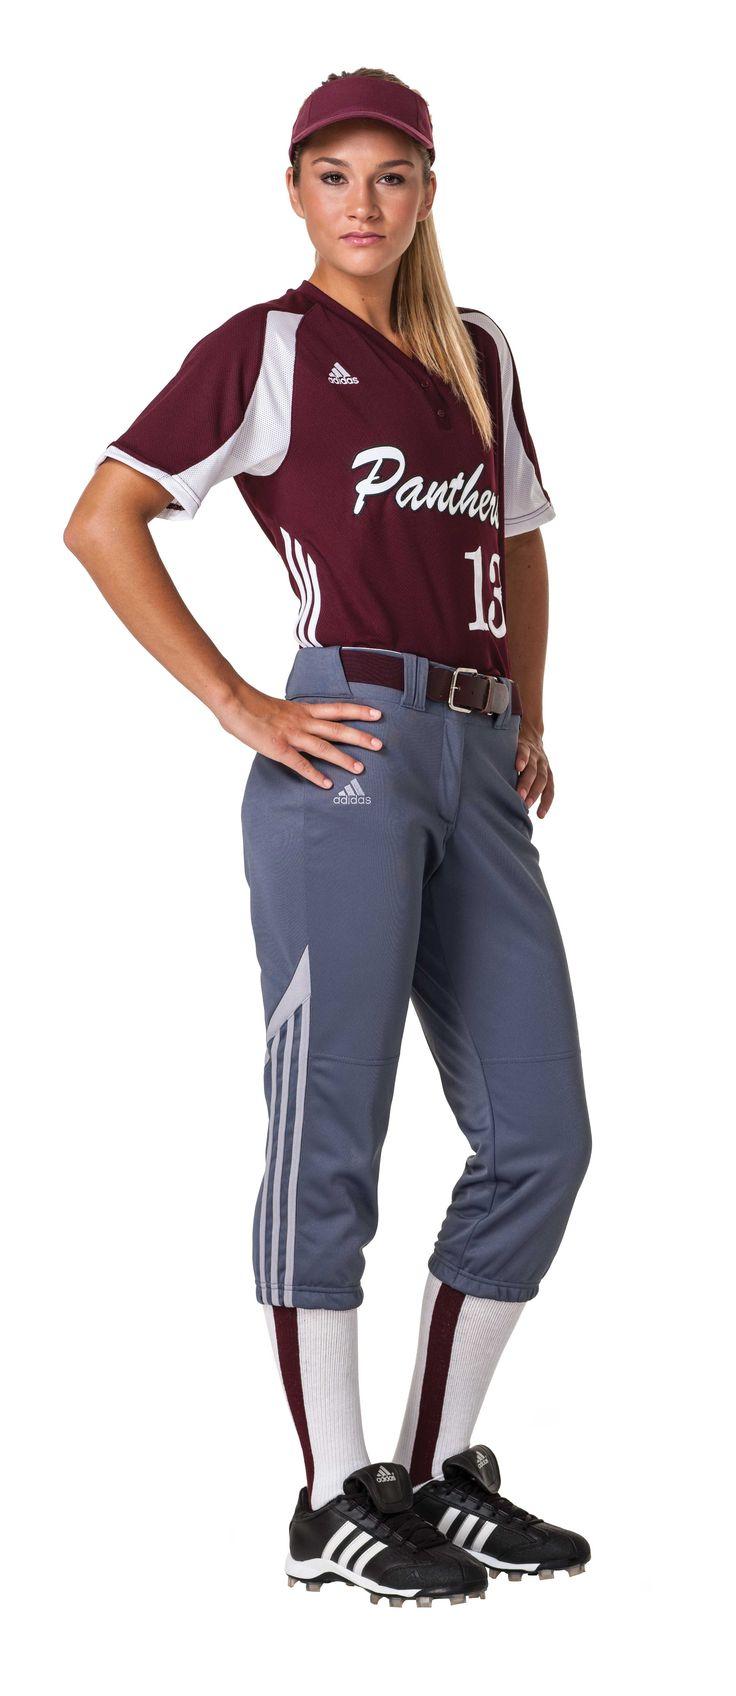 Adidas Diamond Queen Jersey and Pant #Softball #Fastpitch #women #girl #uniform #jersey